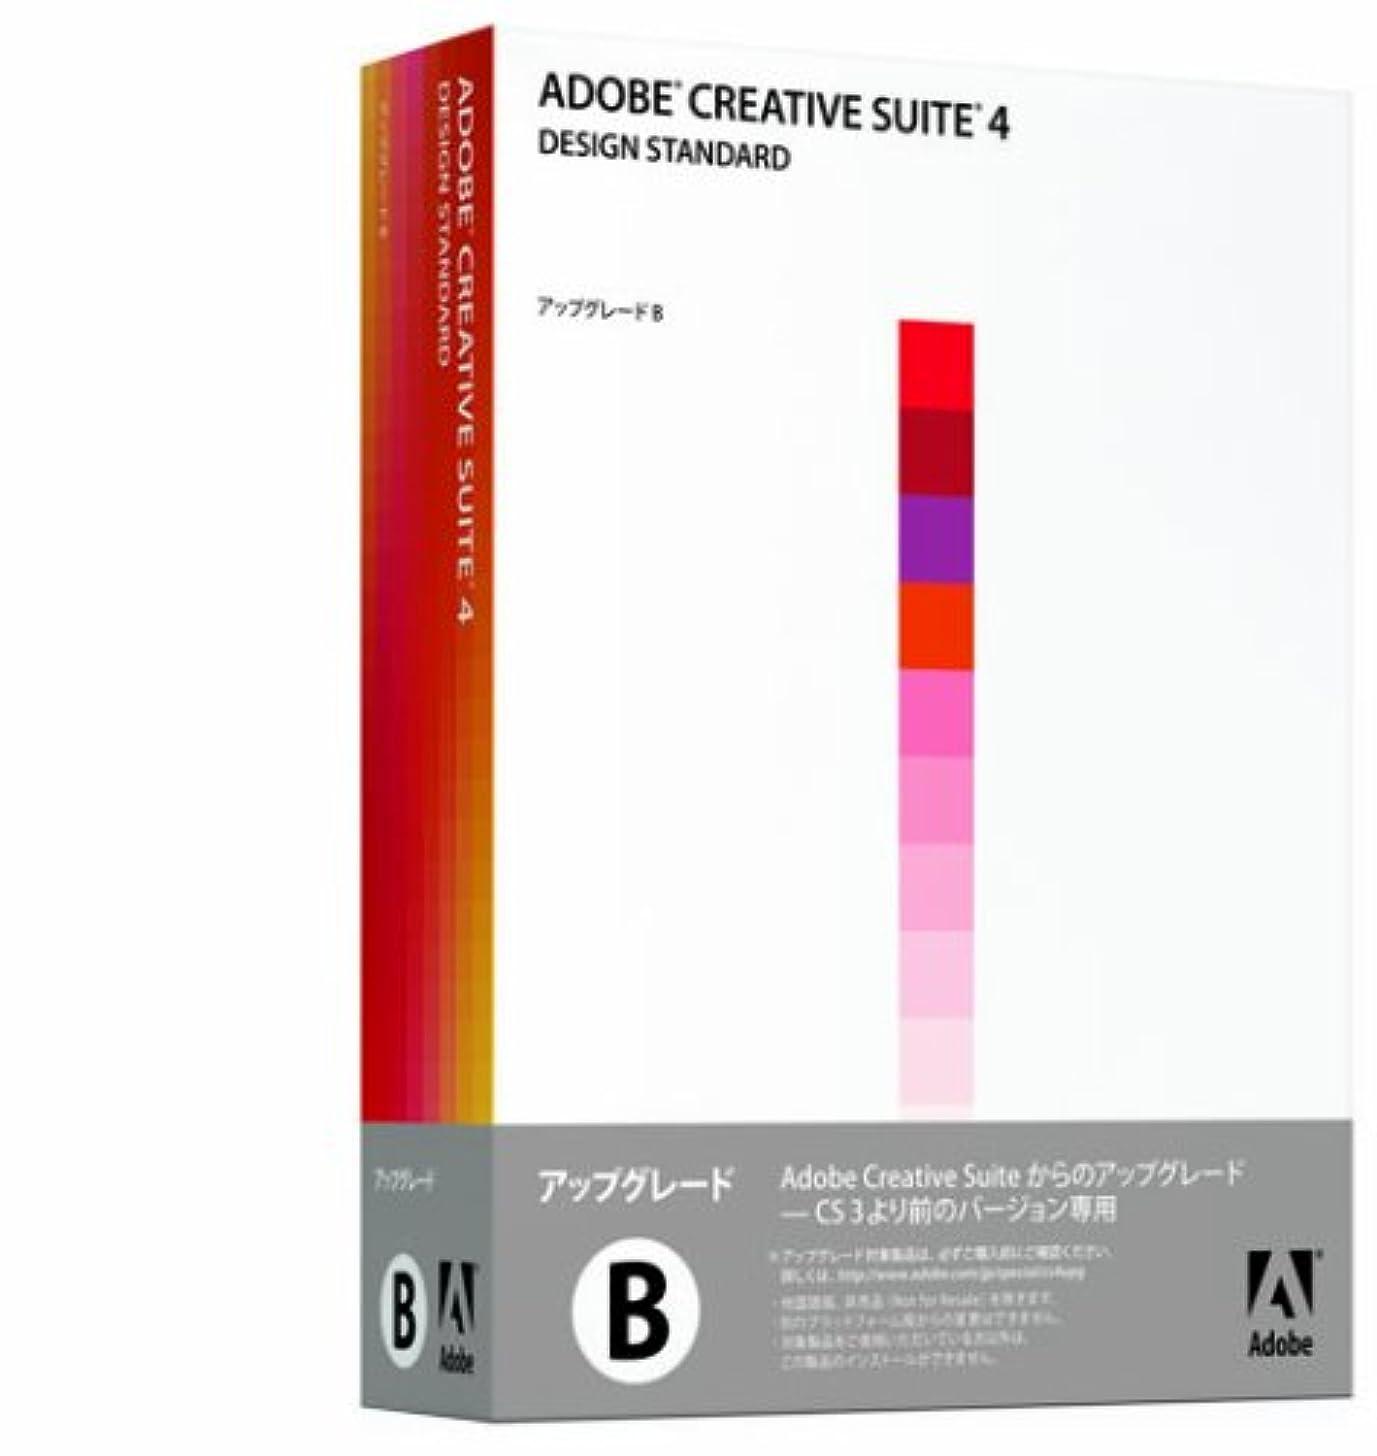 ピンポイント項目荒らすAdobe Creative Suite 4 Design Standard 日本語版 アップグレード版B (CS STD/PRM 1/2) キャンペーン版 Windows版